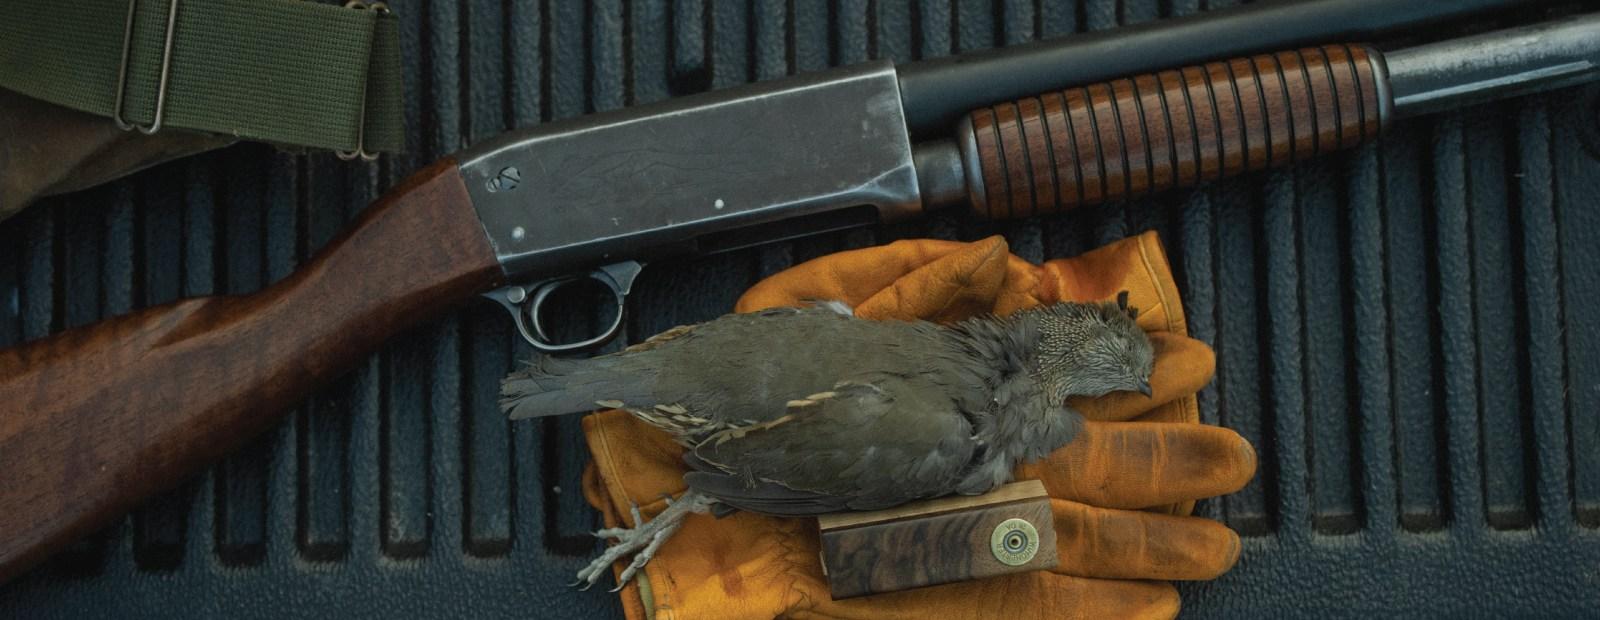 A quail call used during a California quail hunt